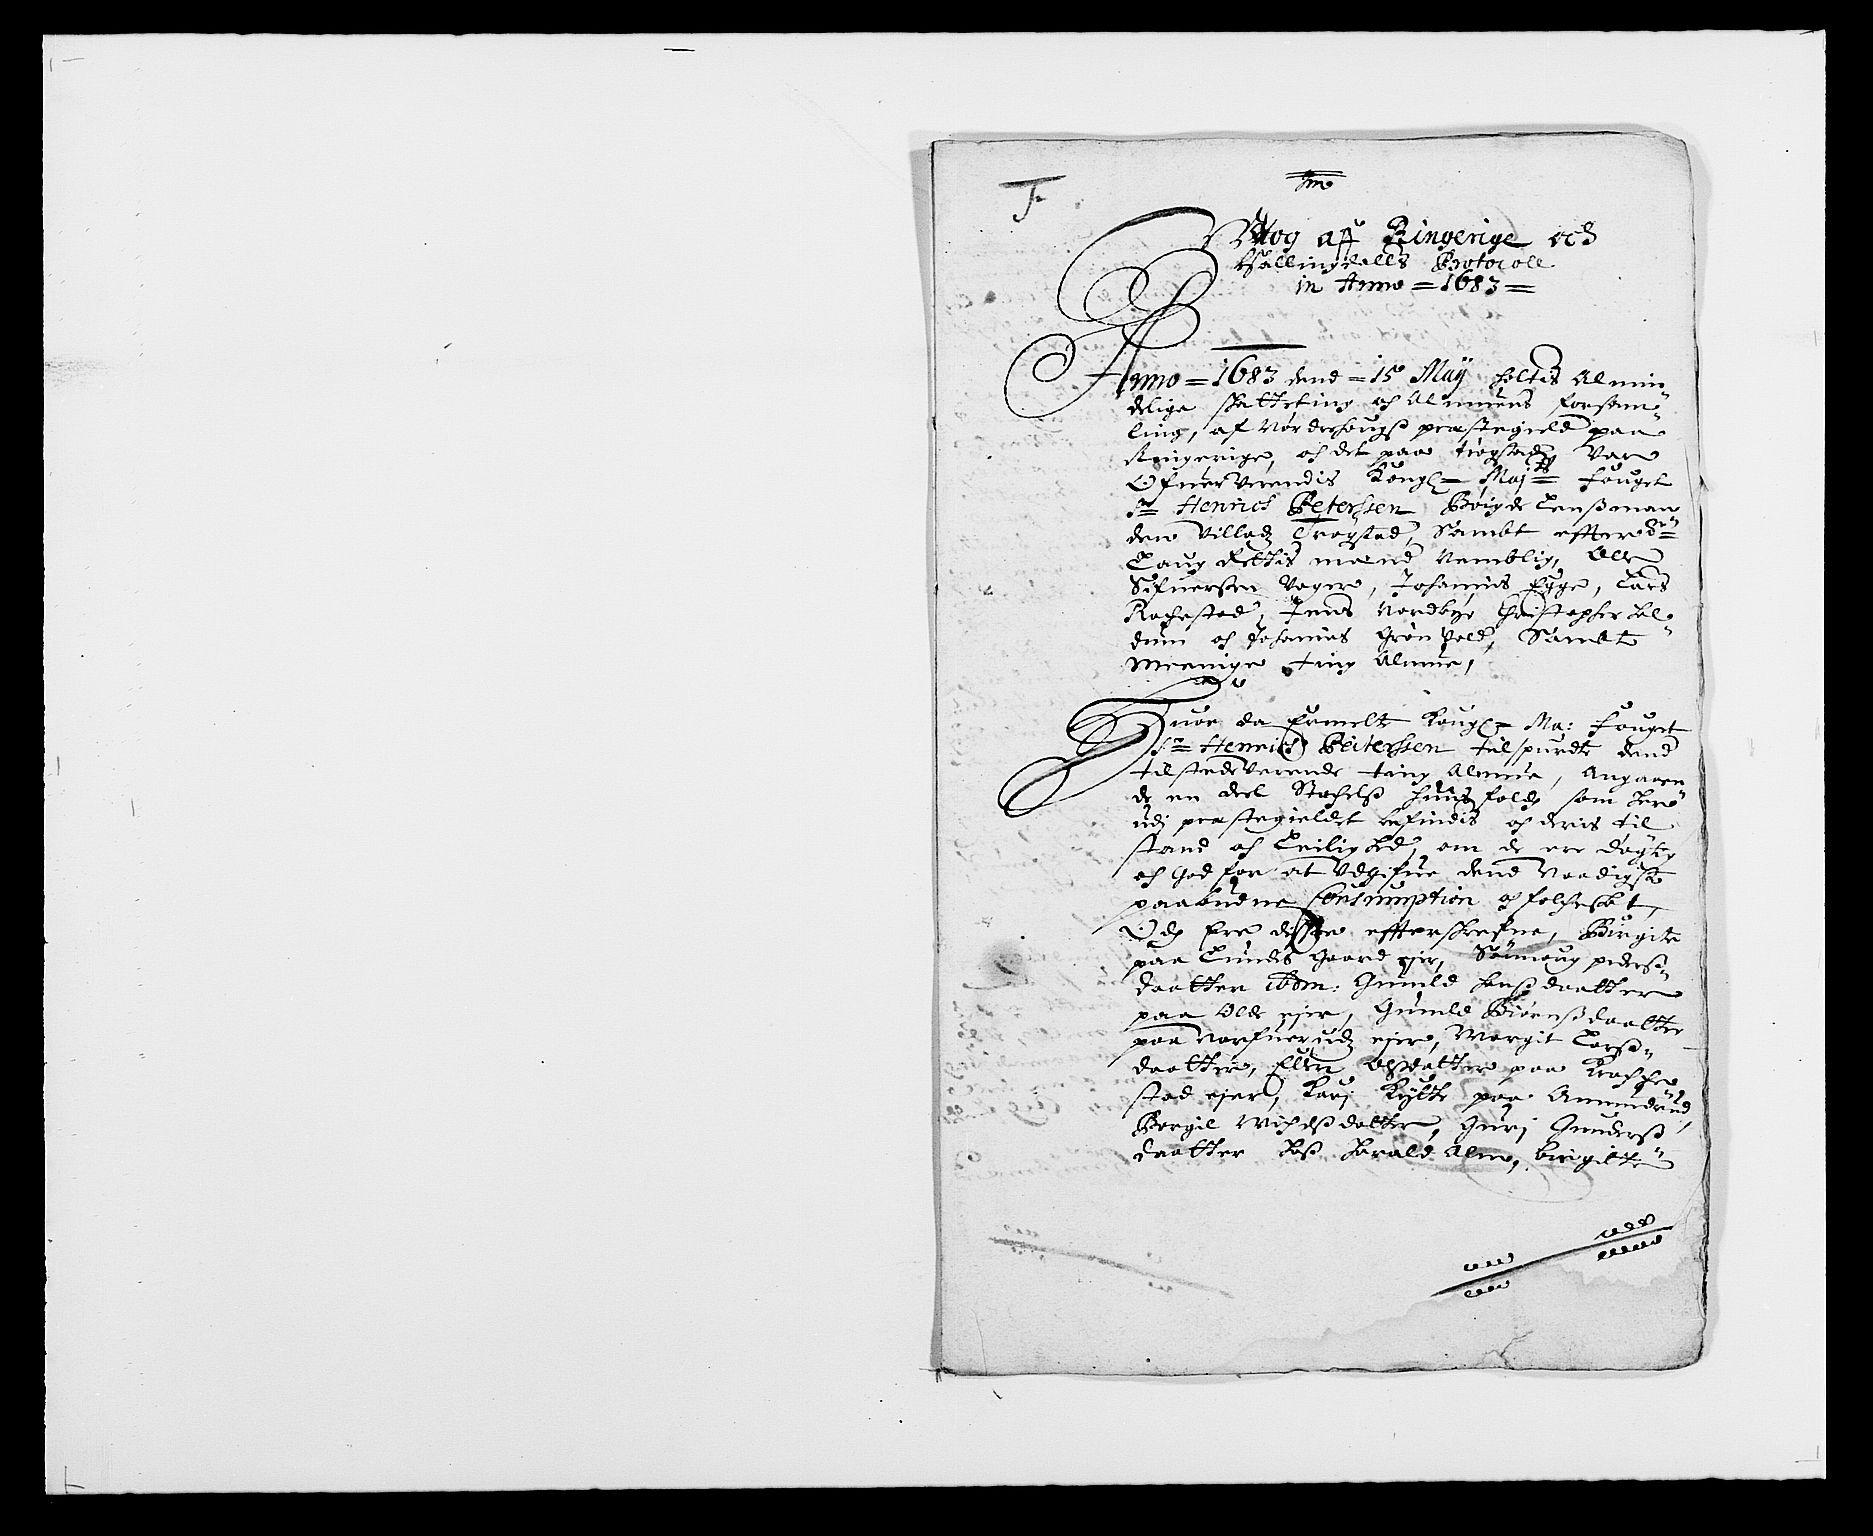 RA, Rentekammeret inntil 1814, Reviderte regnskaper, Fogderegnskap, R21/L1446: Fogderegnskap Ringerike og Hallingdal, 1683-1686, s. 89